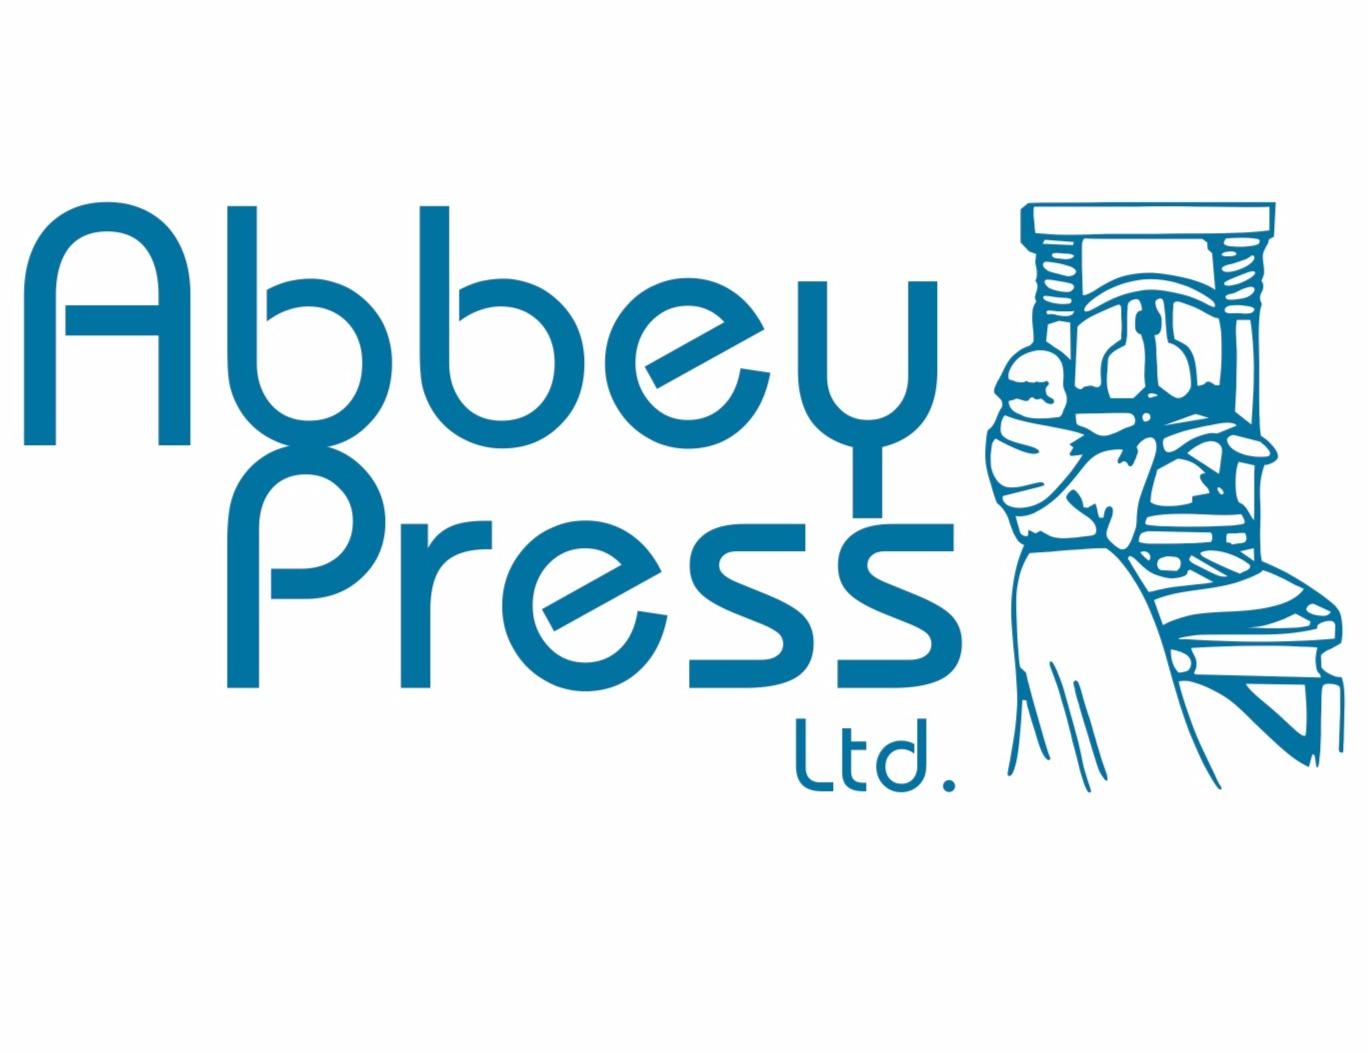 Abbey Press Ltd